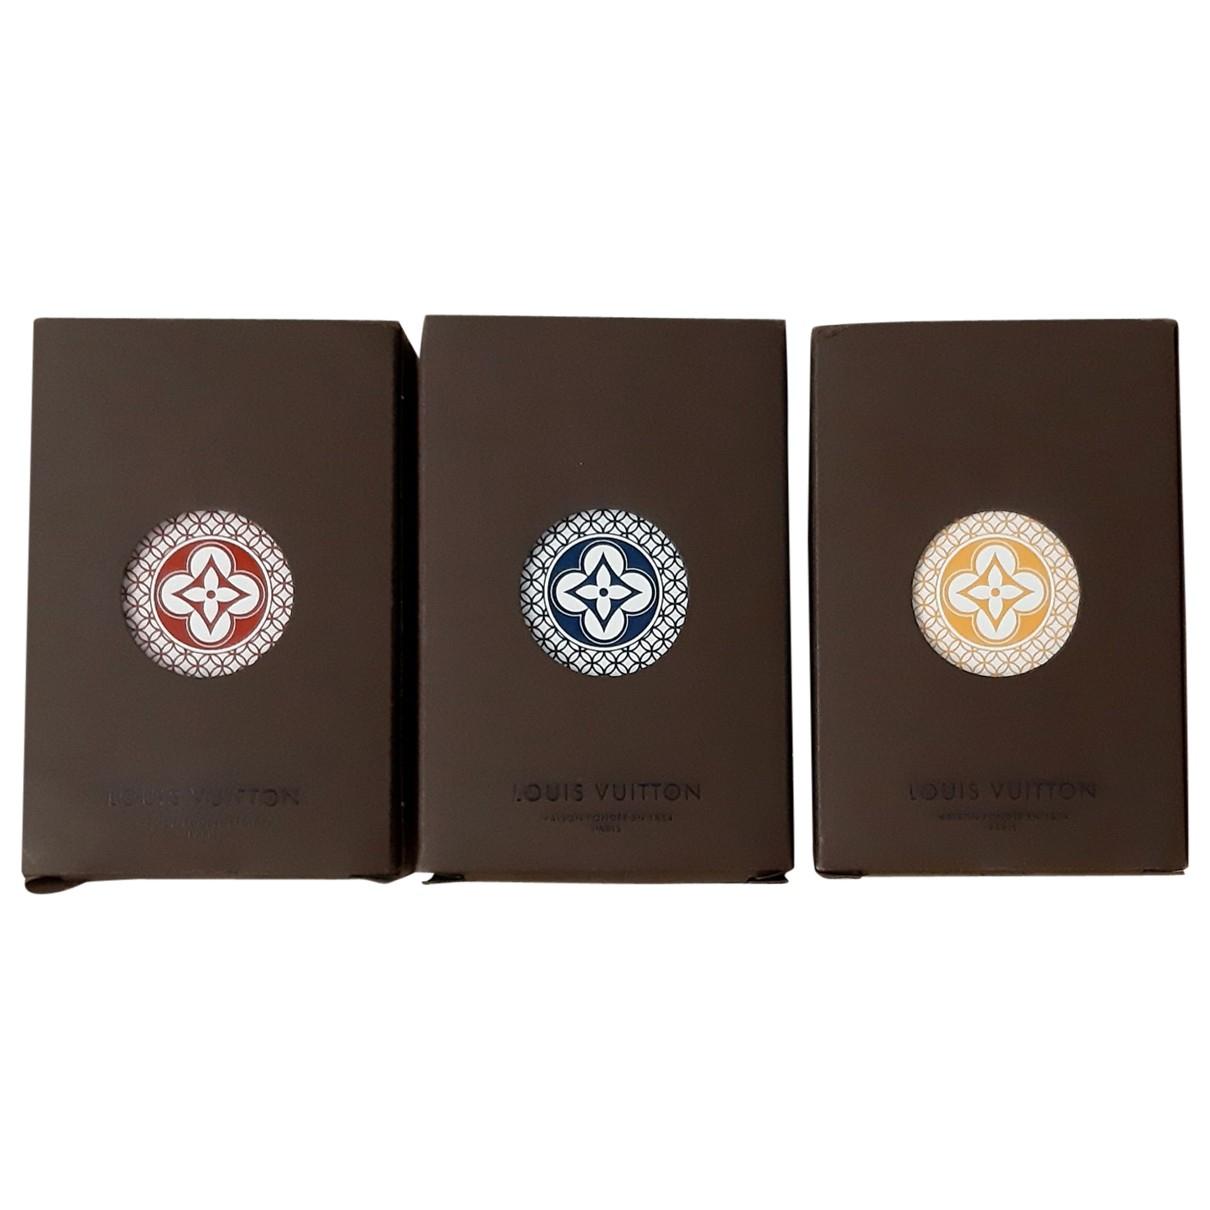 Juego de cartas Louis Vuitton